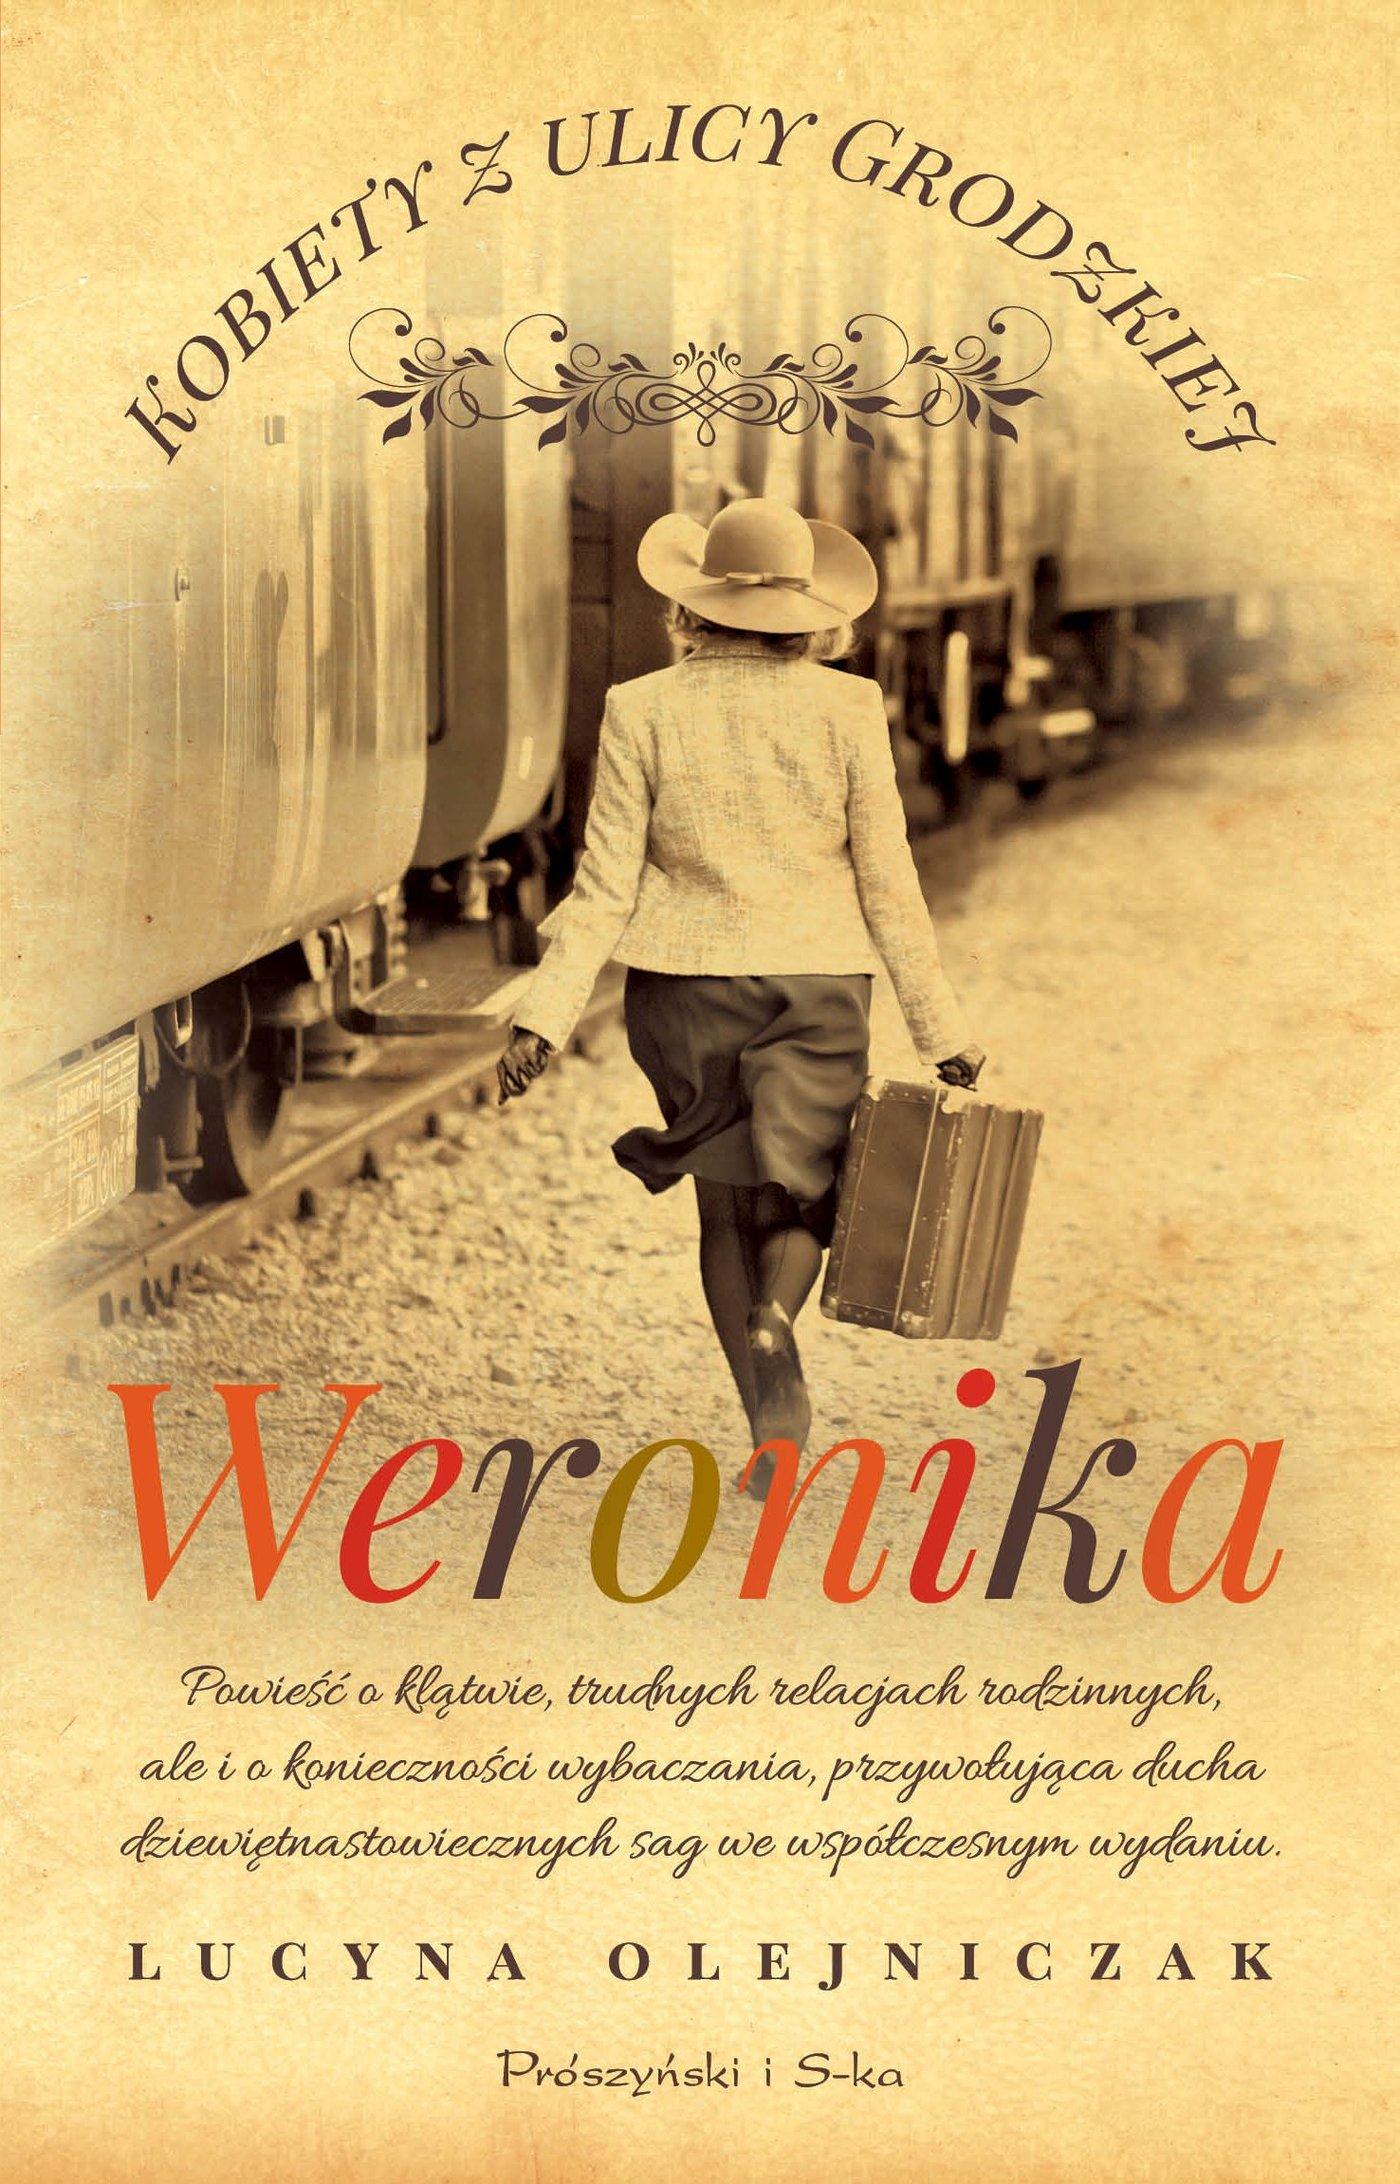 Kobiety z ulicy Grodzkiej. Weronika - Ebook (Książka EPUB) do pobrania w formacie EPUB